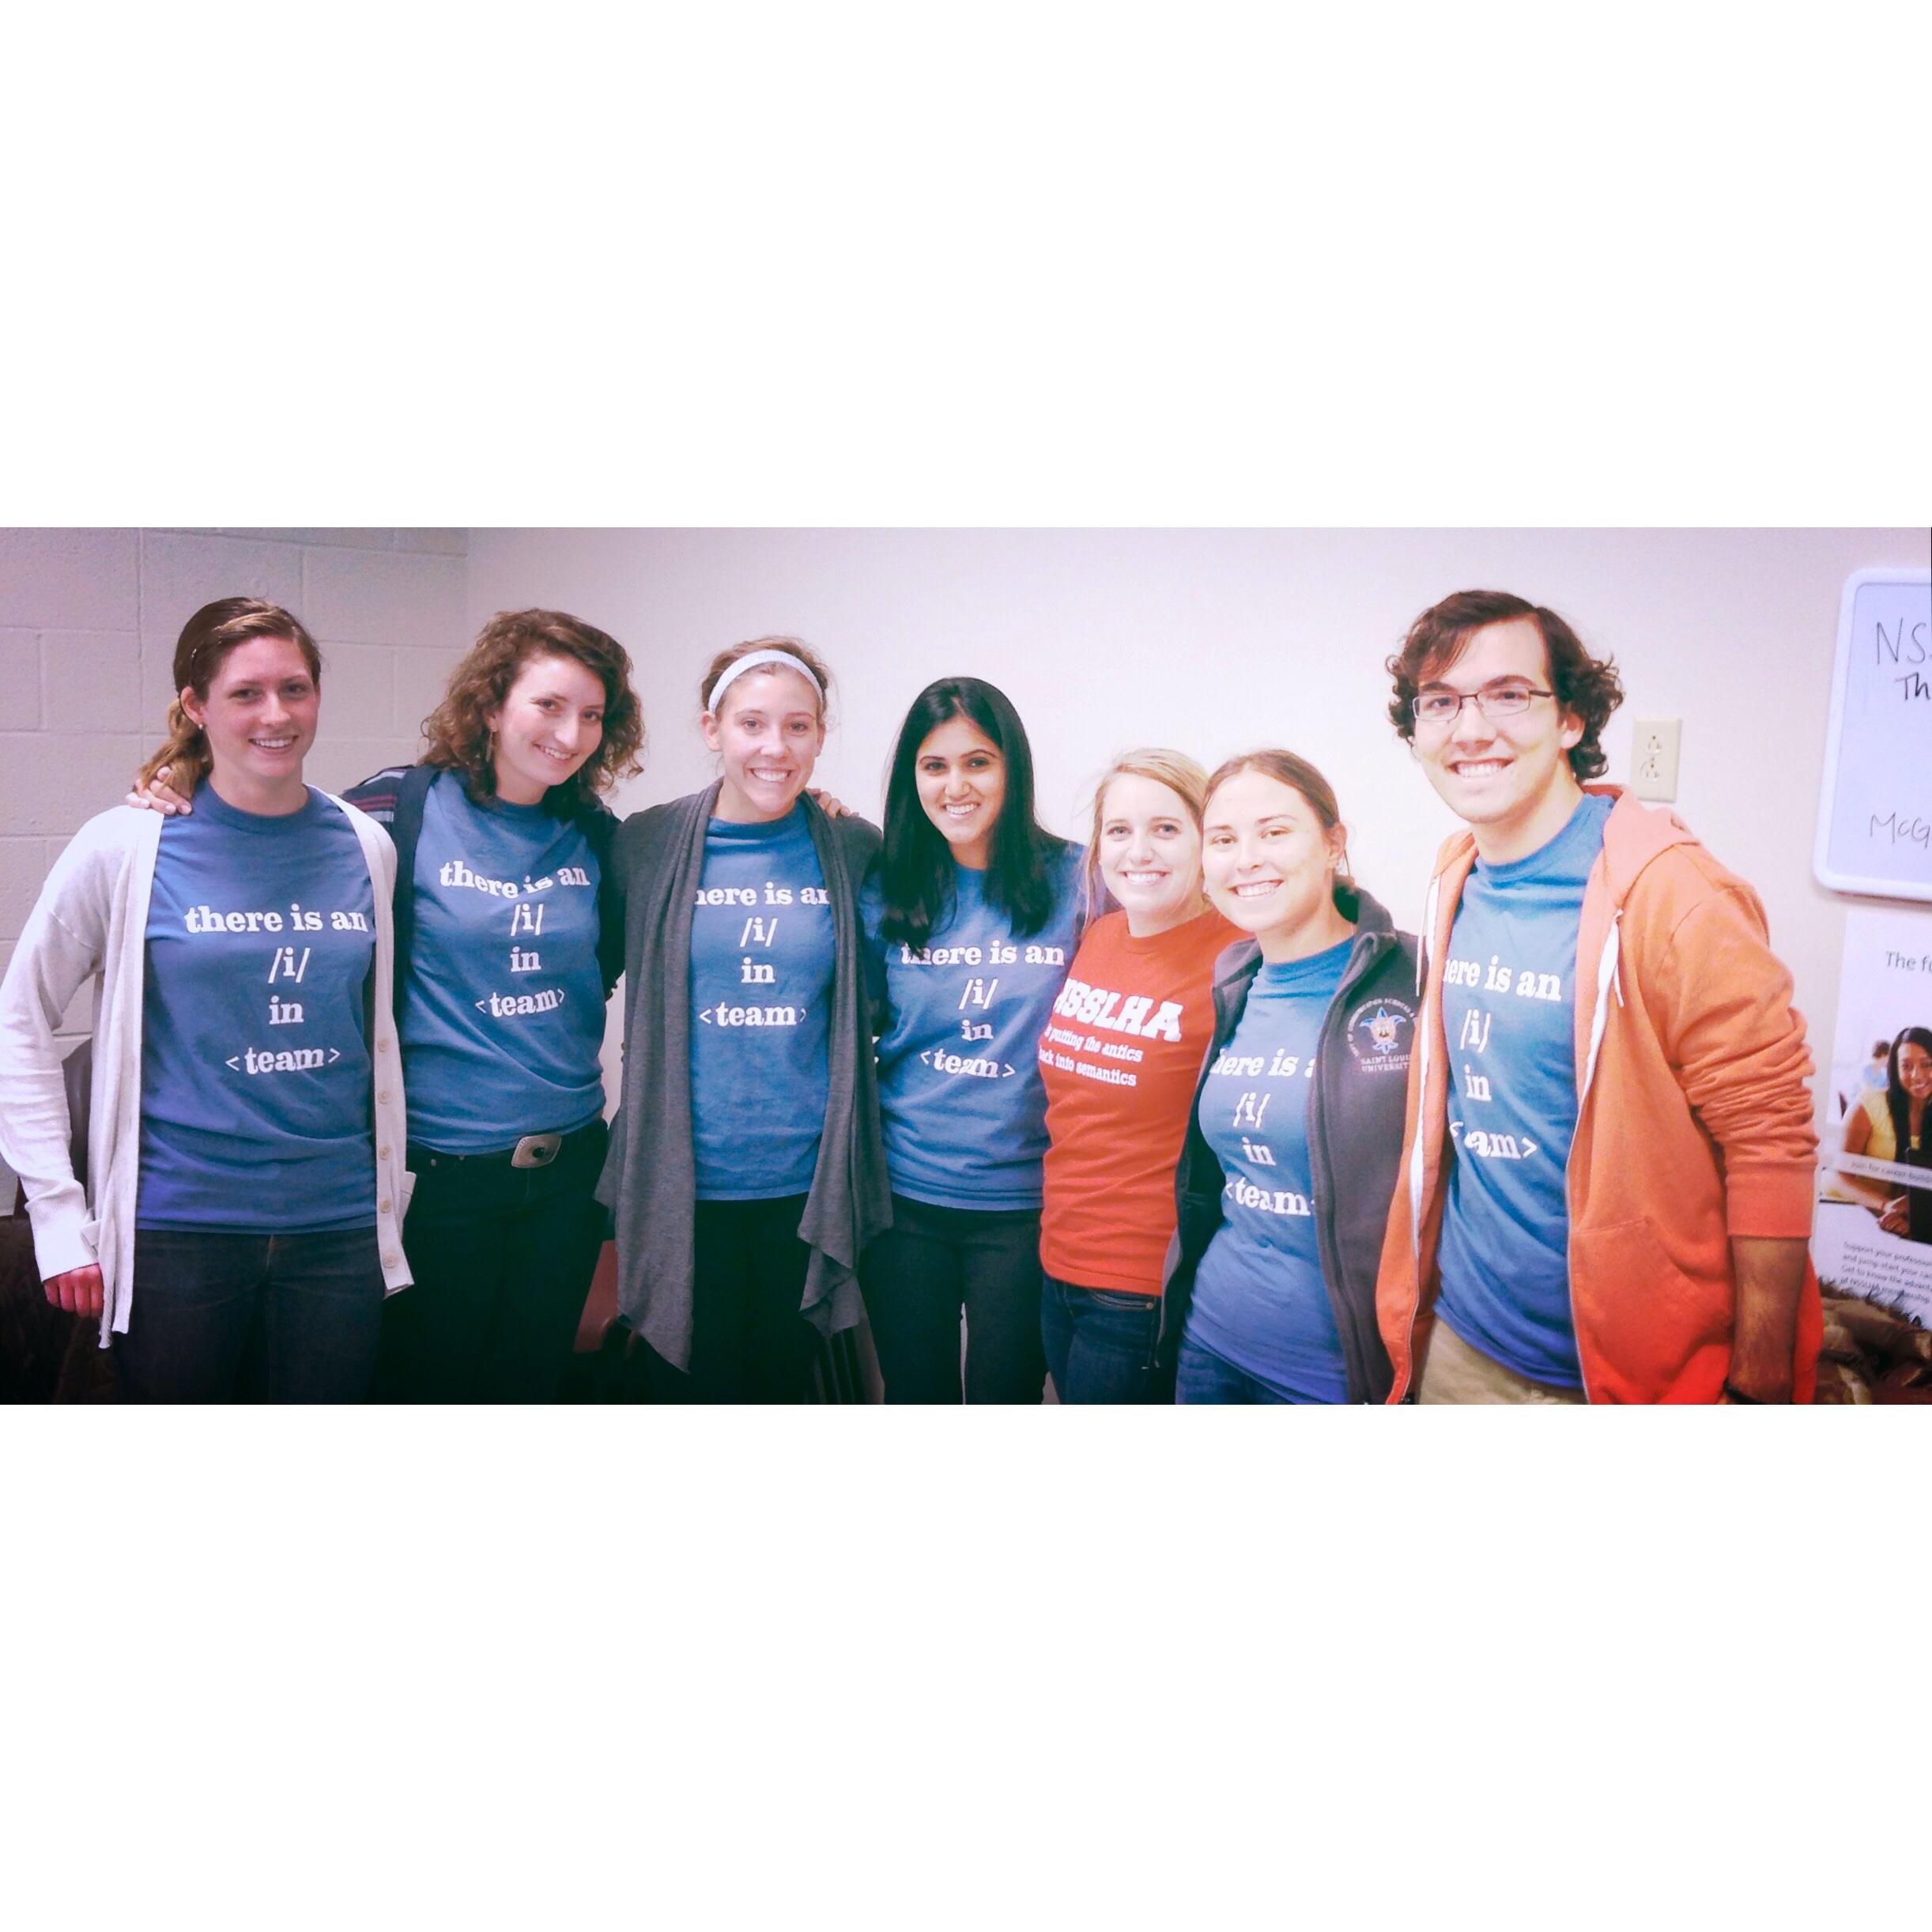 Shirt design for friends - Nsslha Friends T Shirt Photo